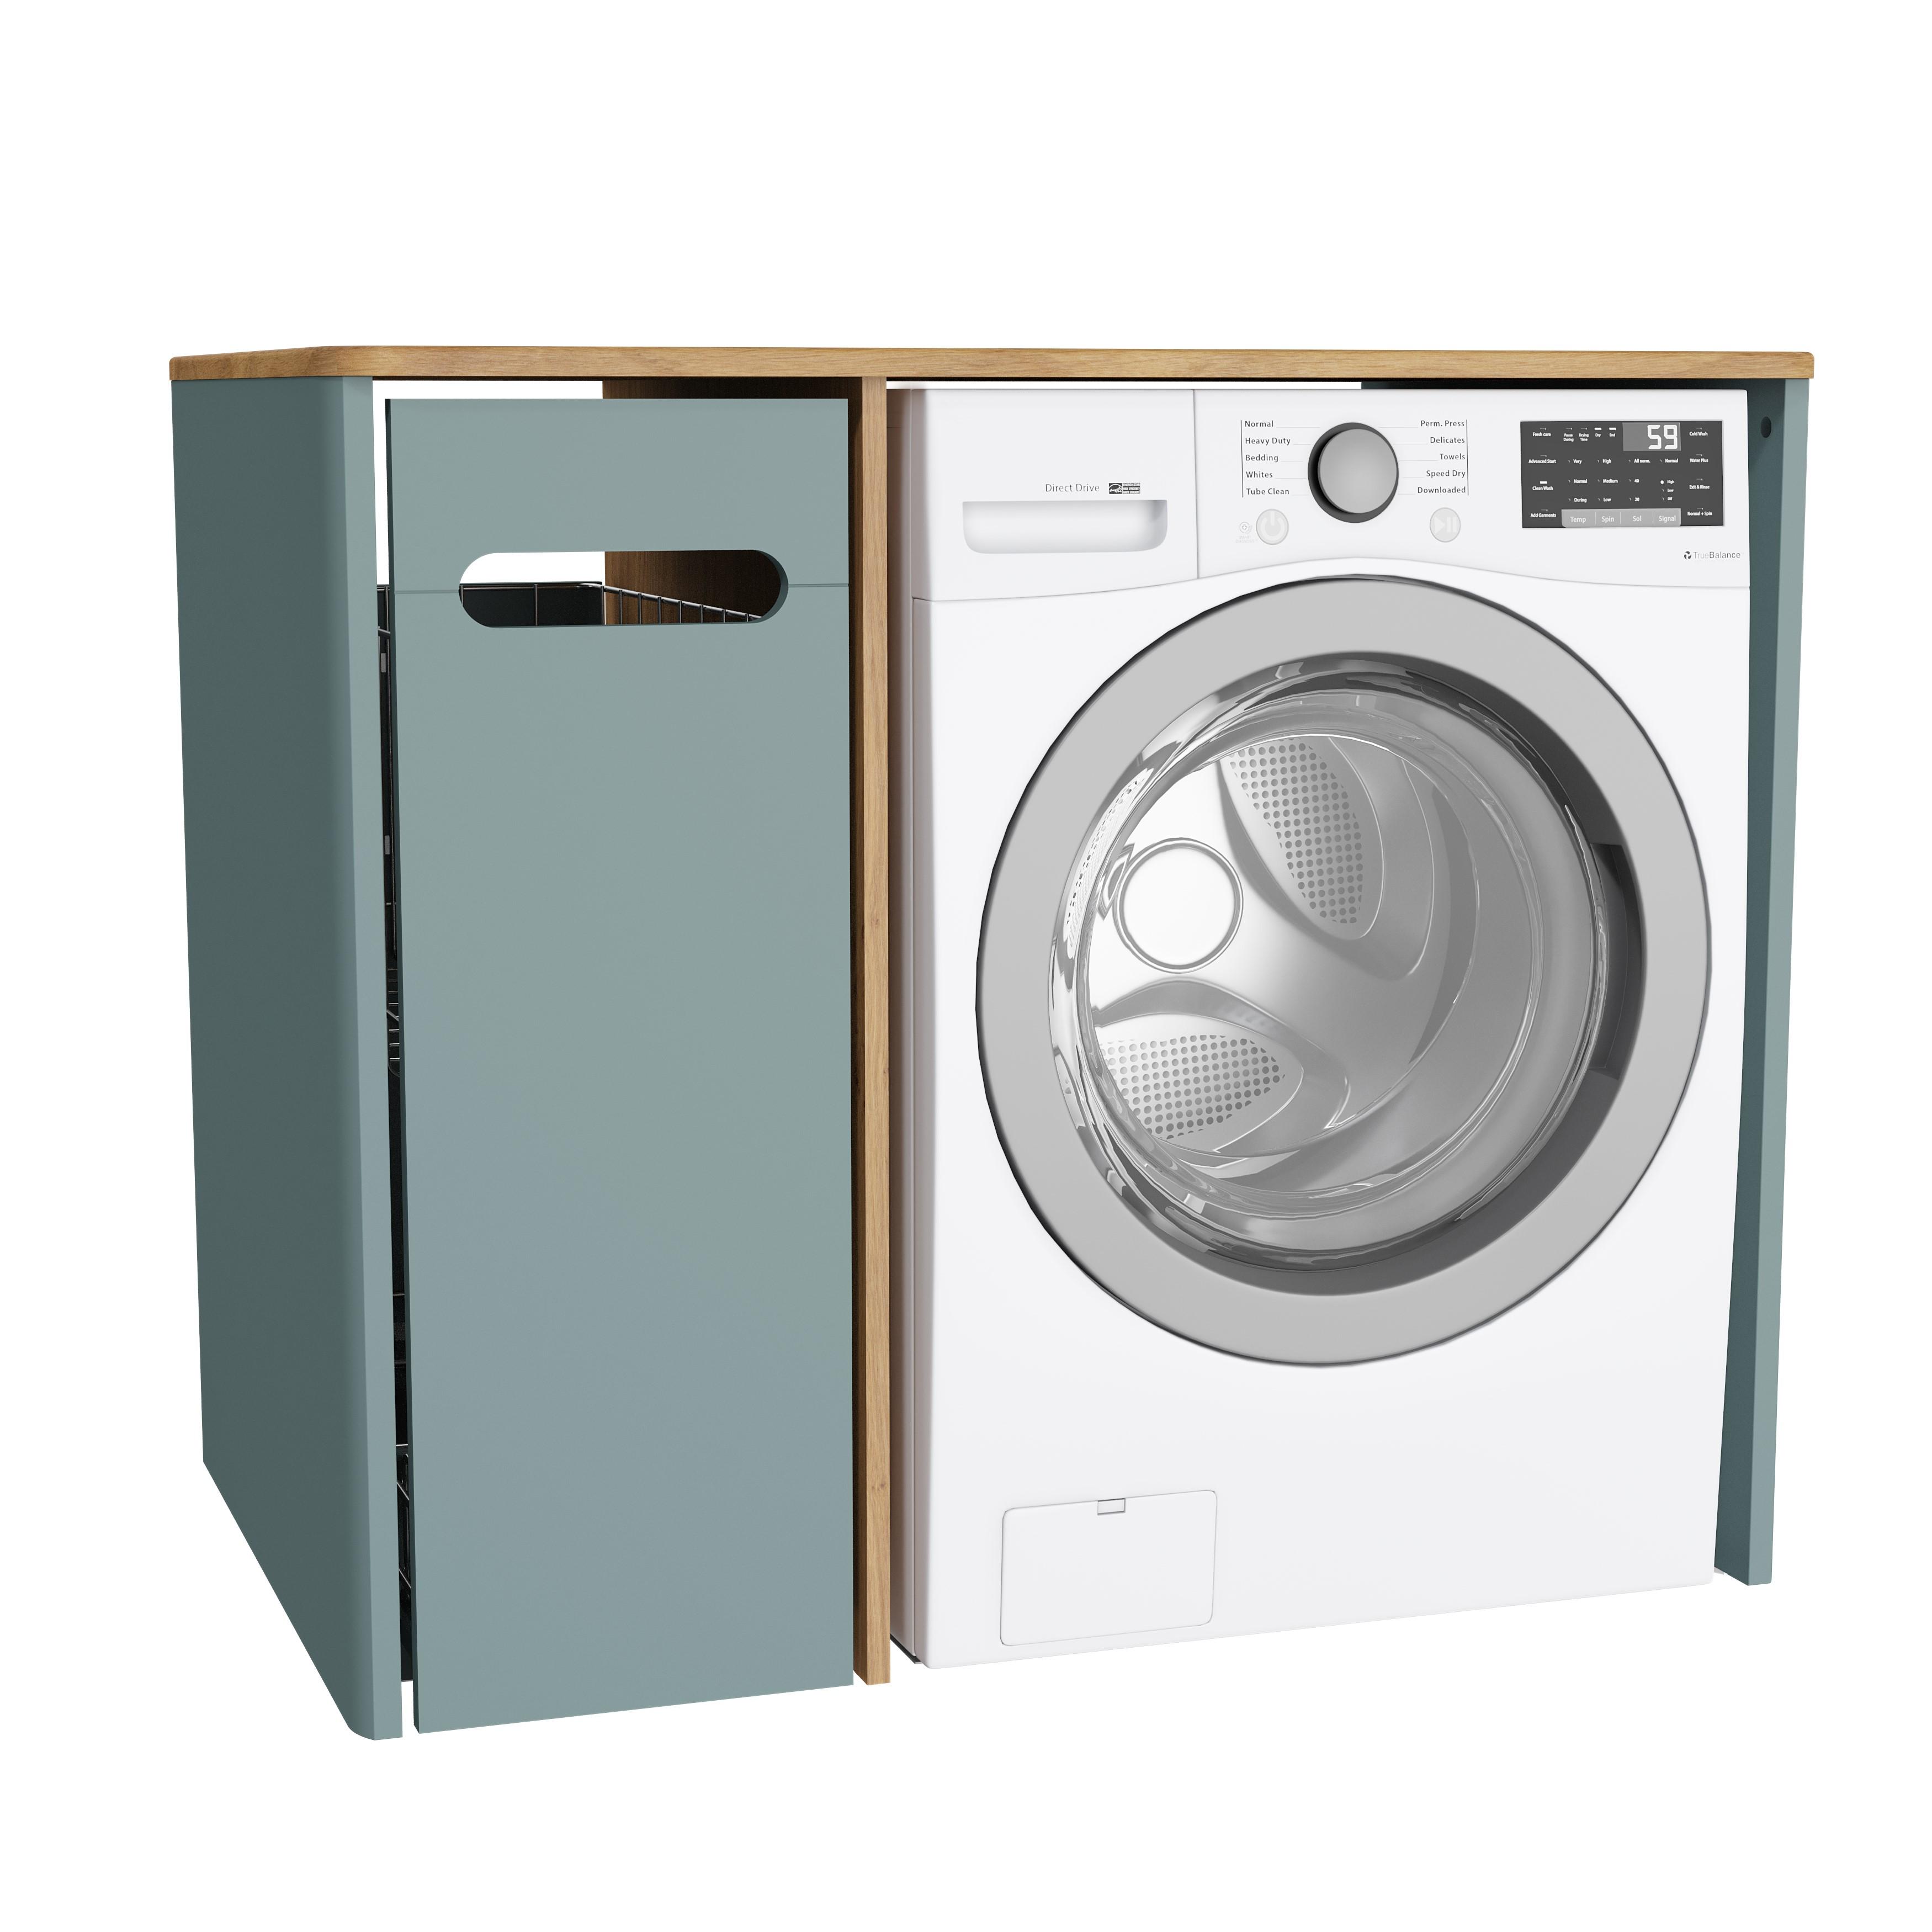 Sento unité lave-linge, avec corbeille à linge à gauche, 105 cm, vert fjord mat